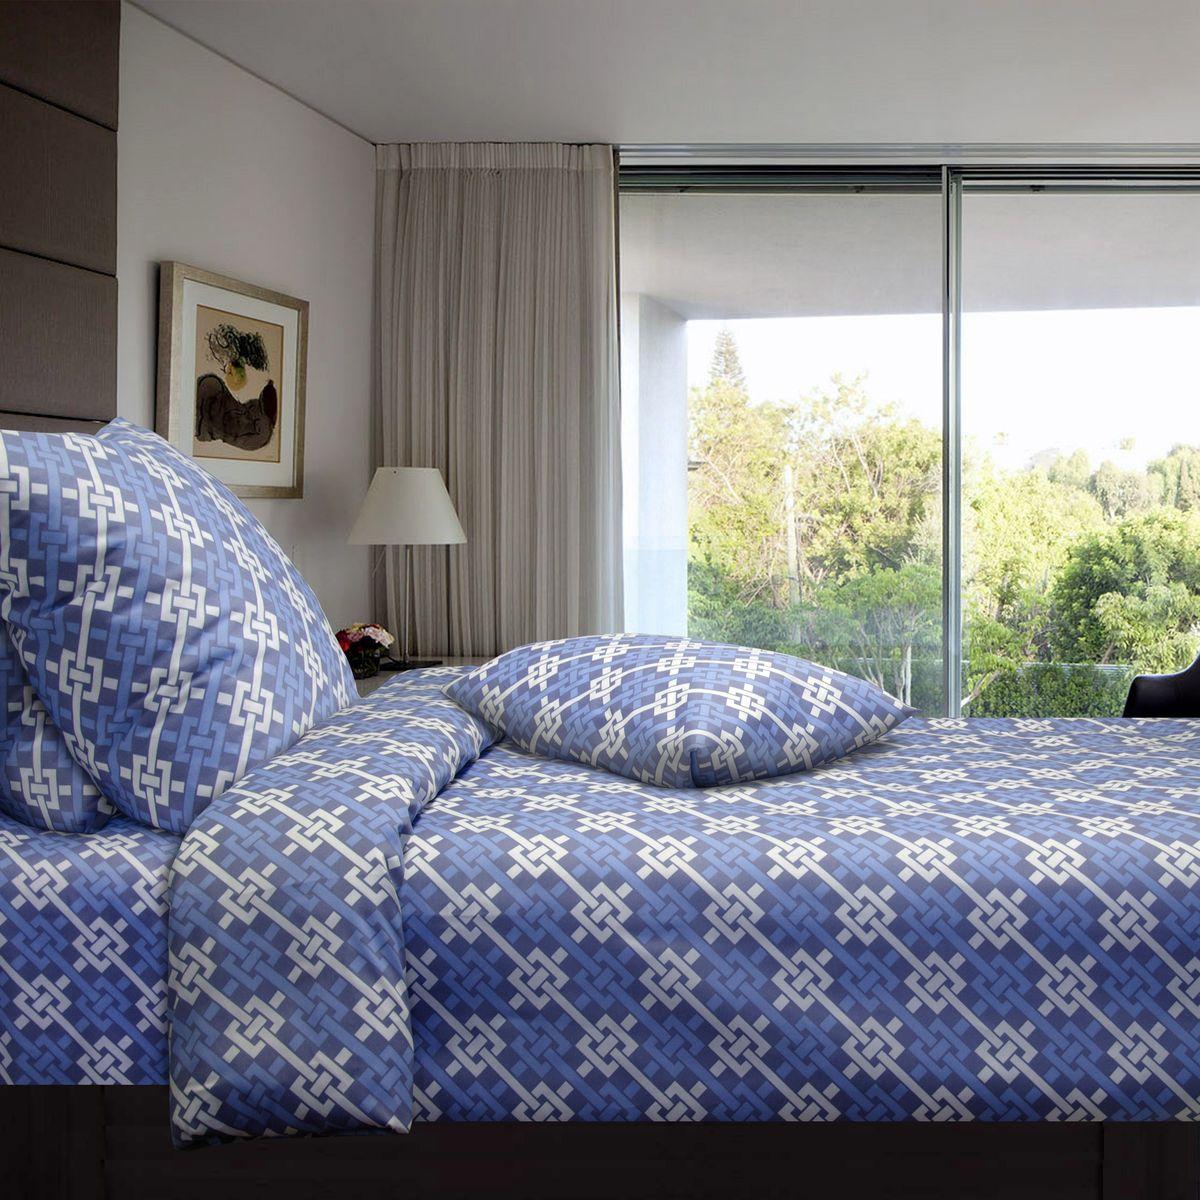 Комплект белья Коллекция Синева, 2,5-спальный, наволочки 70x70. СП2,5/70/ОЗ/синеваСП2,5/70/ОЗ/синеваКомплект постельного белья Коллекция Синева прекрасно украсит любой интерьер. Комплект выполнен из сатина. Сатин - это гладкая и прочная ткань, которая своим блеском, легкостью и гладкостью очень похожа на шелк. Ткань практически не мнется, поэтому его можно не гладить. Он практичен, так как хорошо переносит множественные стирки.